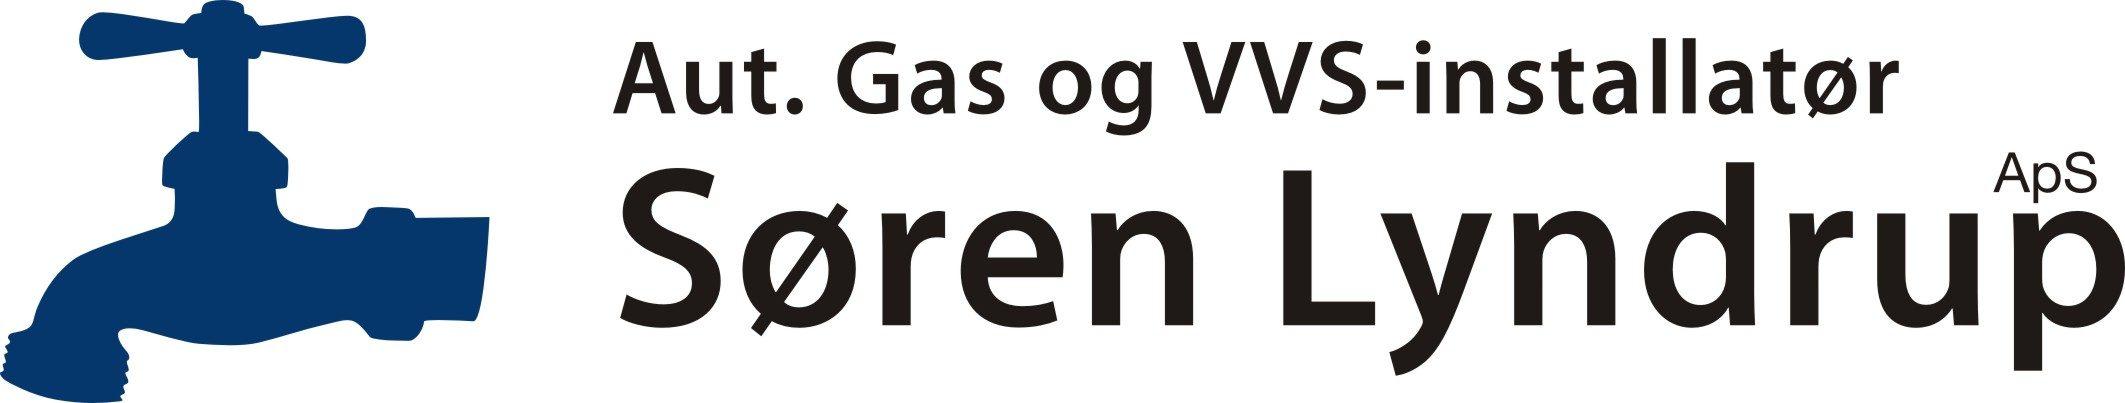 Søren Lyndrup Aut. Gas og VVS Installatør